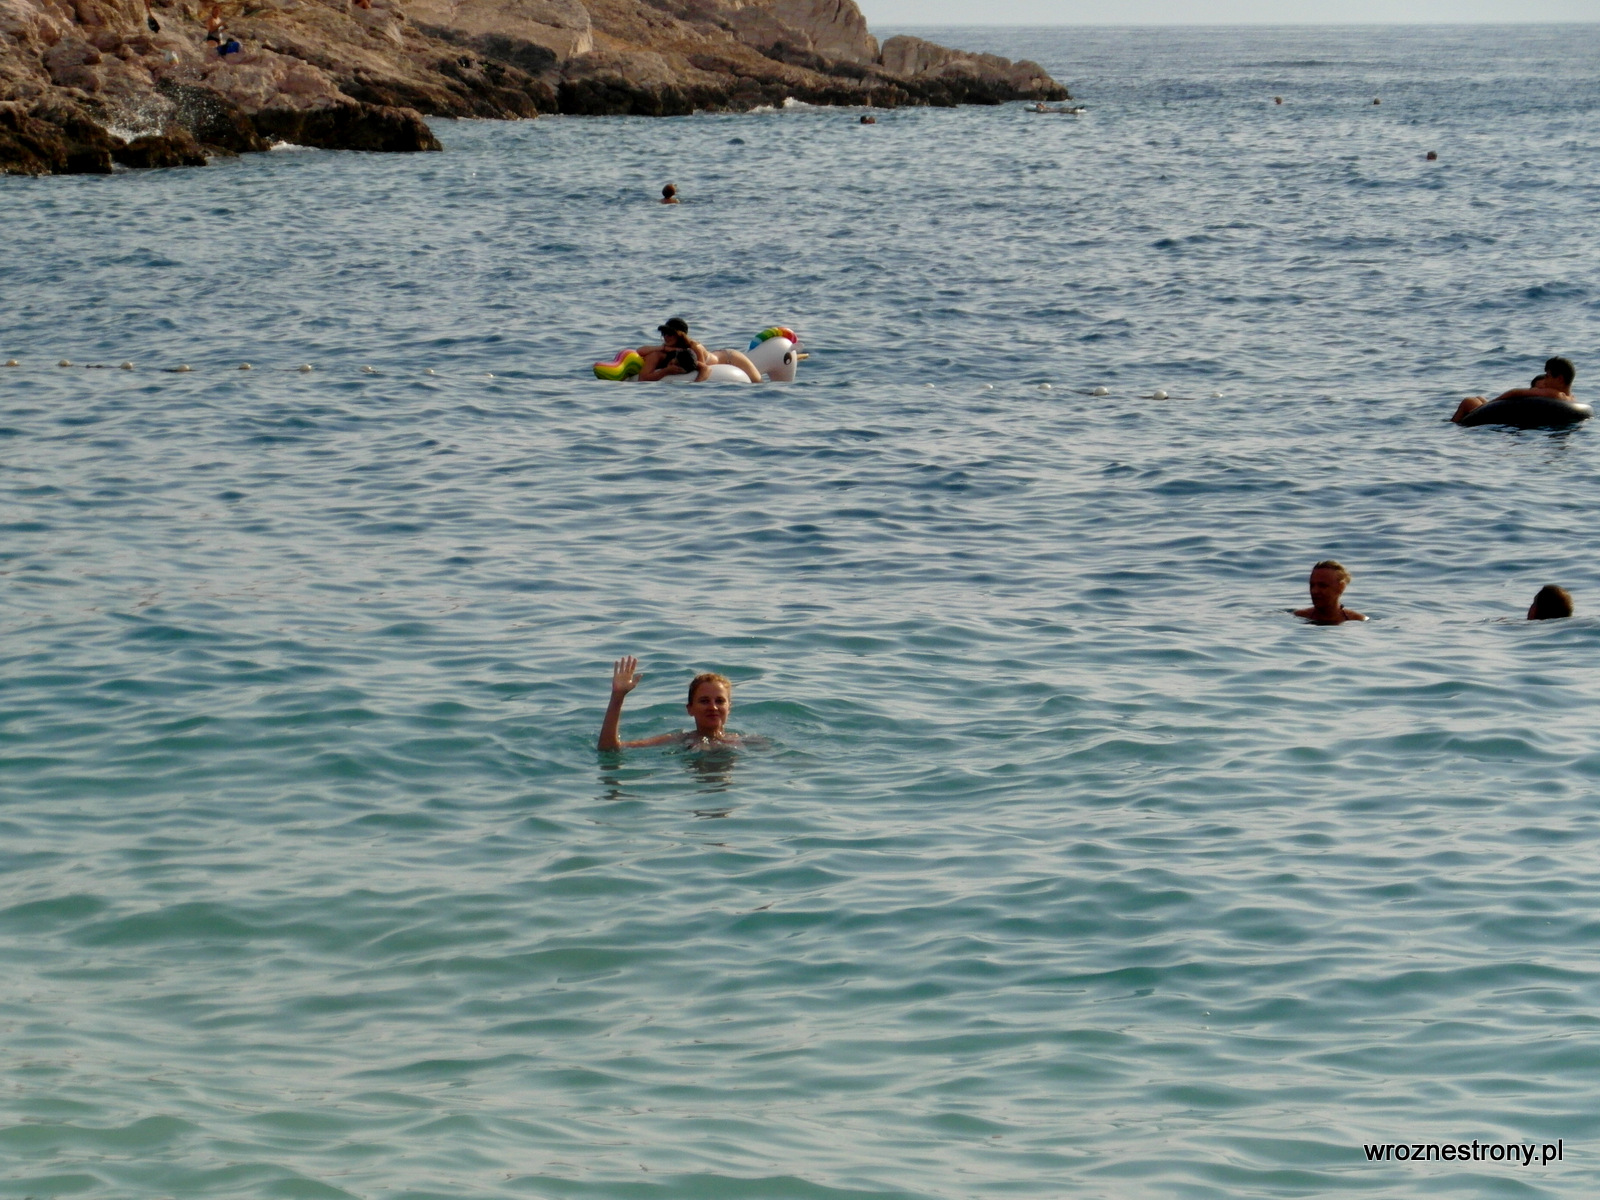 Pływanie w Adriatyku daje dużo radości :)